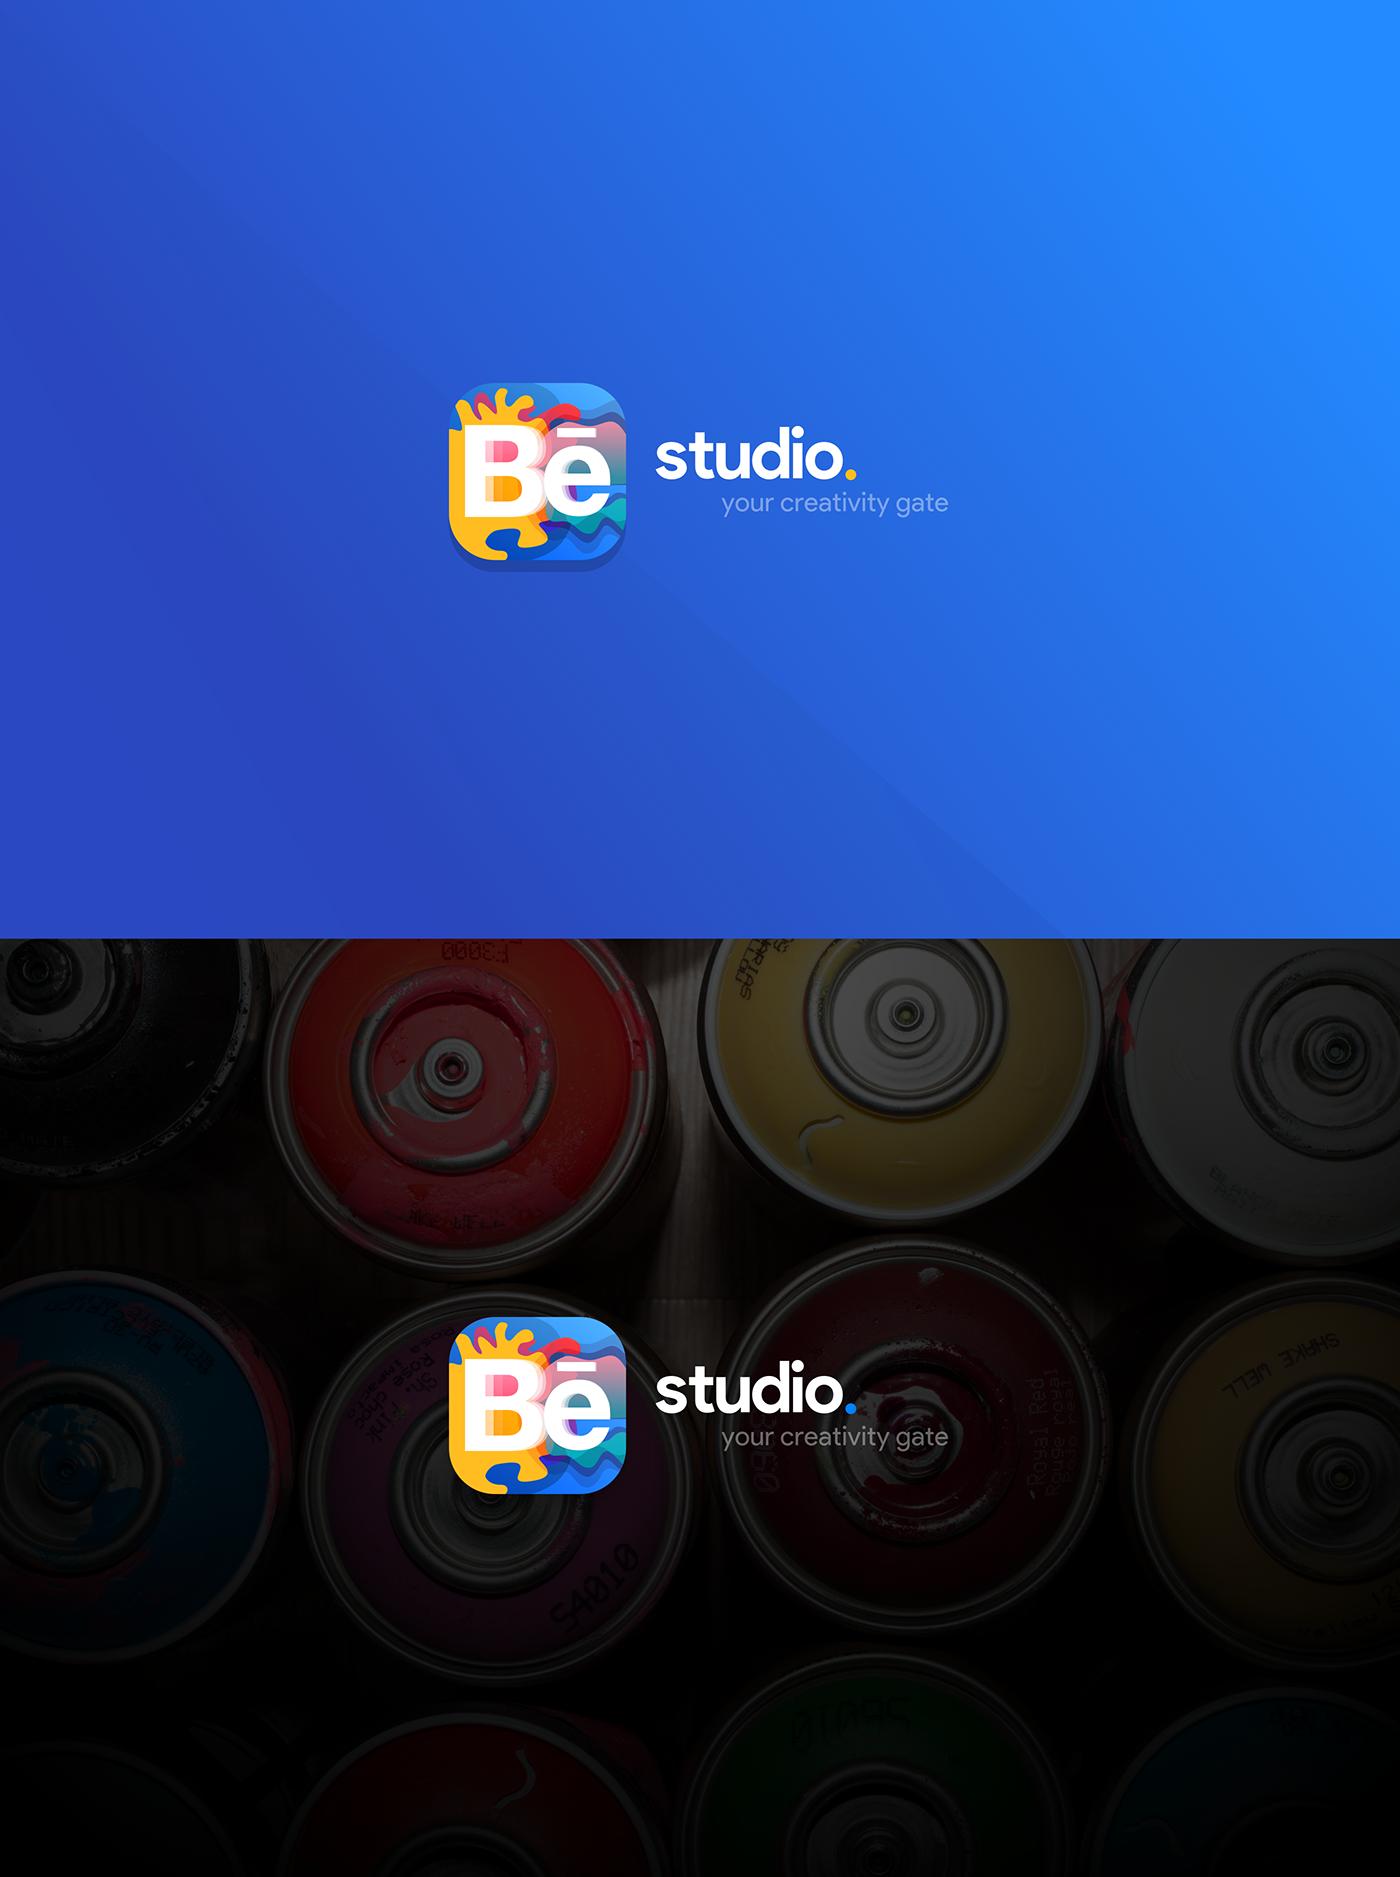 Behance Studio App Concept Brand Identity & UI/UX